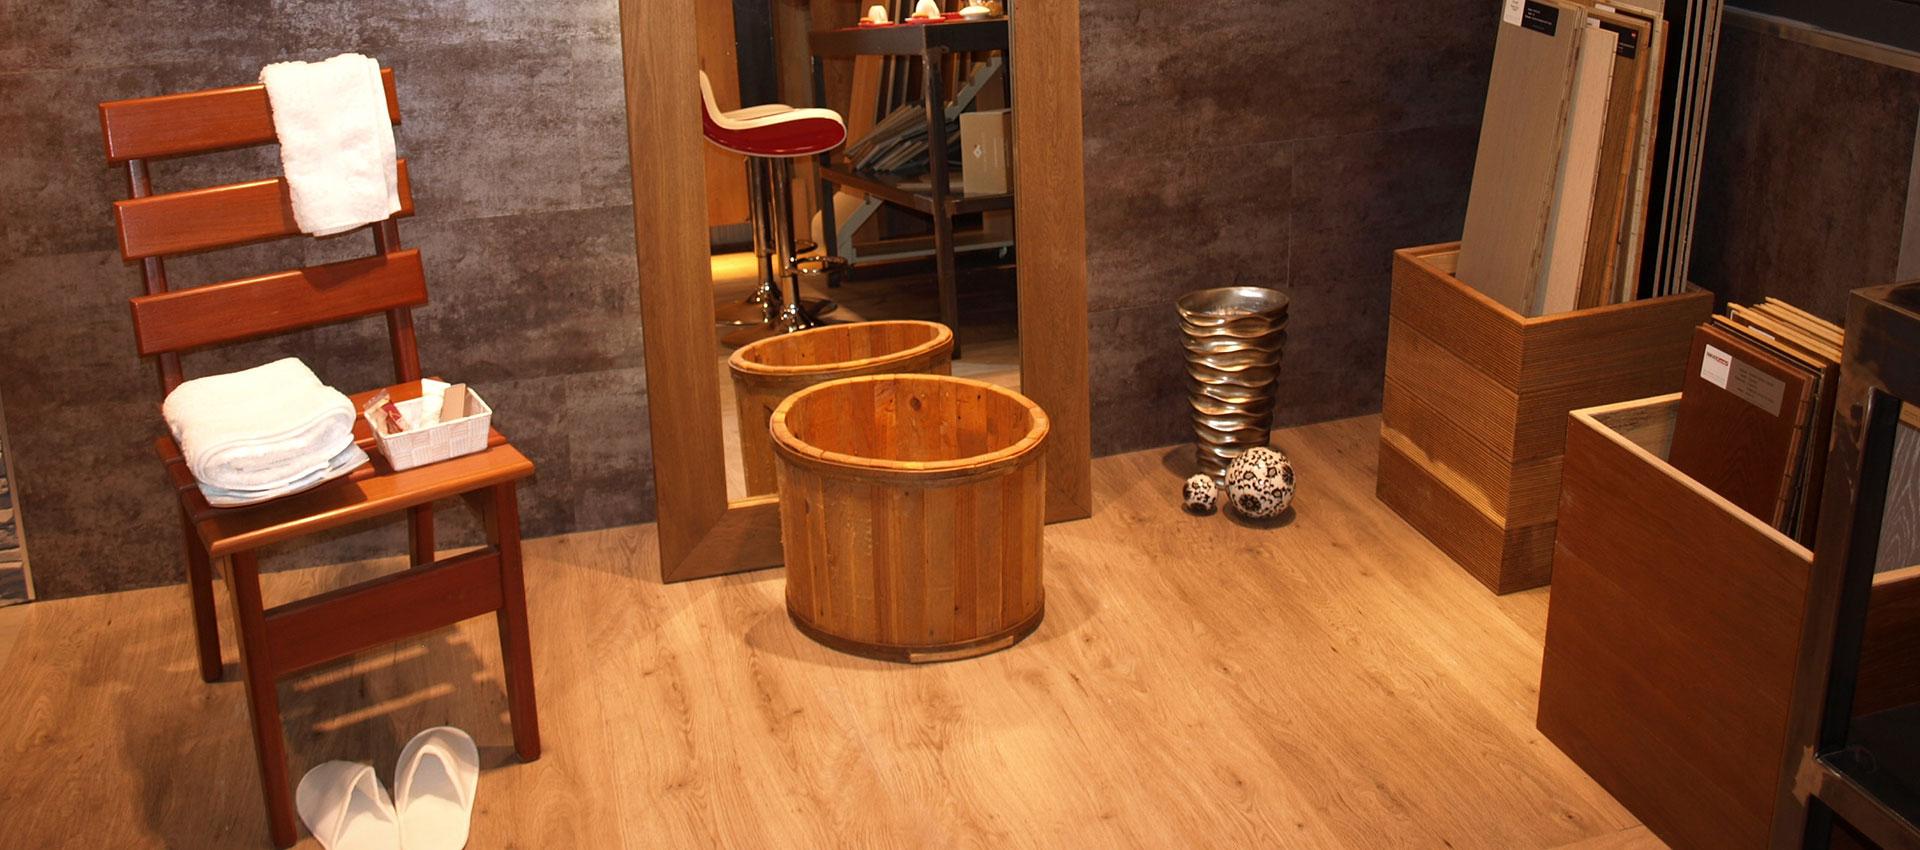 Linea legno parquet parquet posa e fornitura legni a disegno linea legno a borgosatollo - Pavimento e rivestimento bagno uguale ...